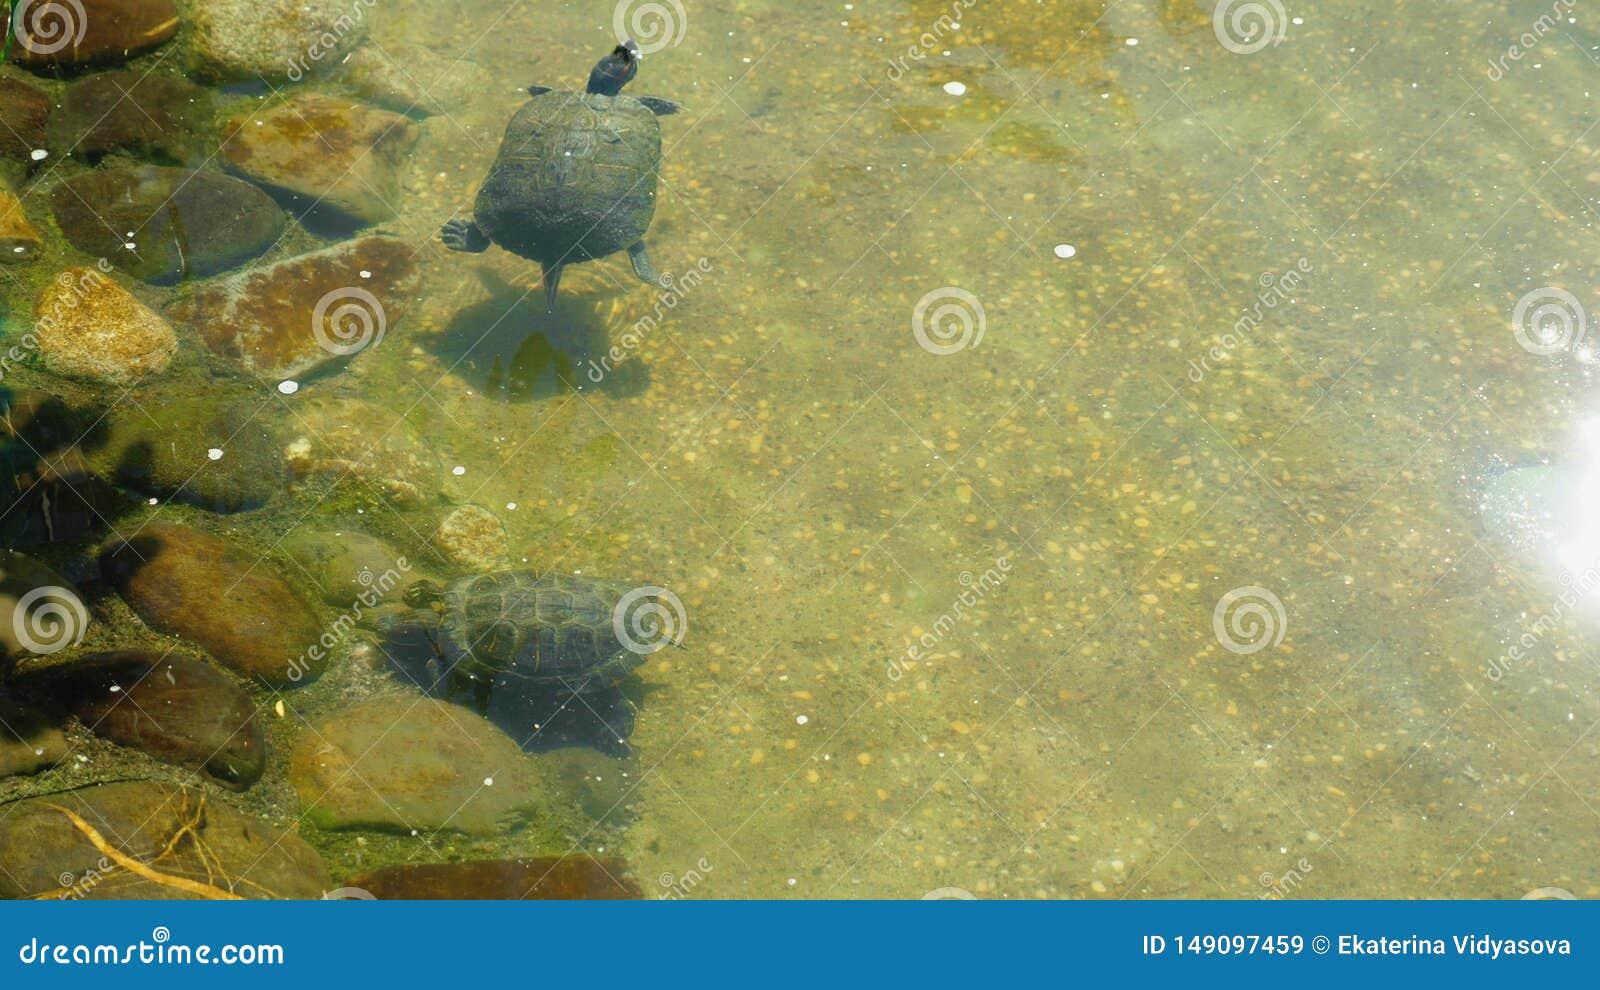 R?da g? i ax sk?ldpaddor simmar utom fara vatten av ett konstgjort damm utomhus